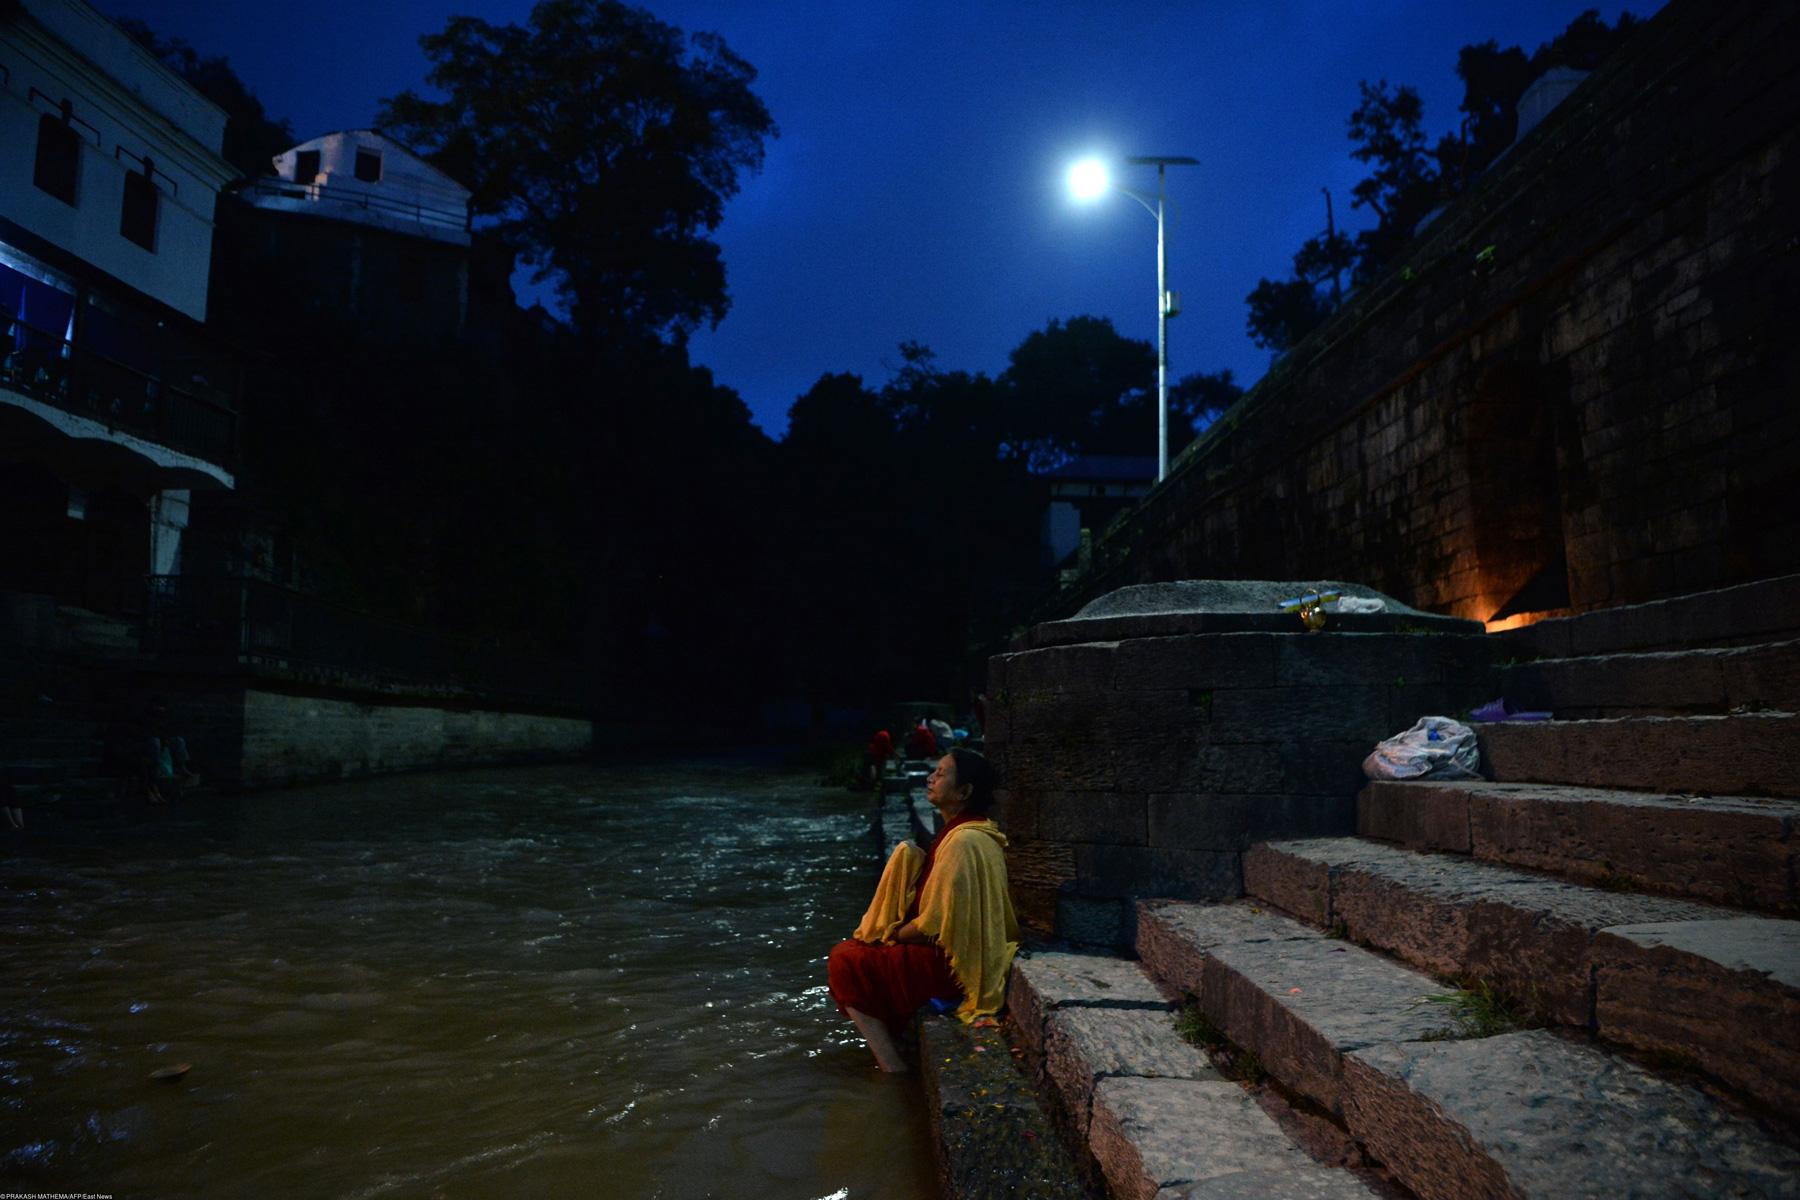 Жительница Катманду купается вреке Багмати вчастичное лунное затмение, Непал